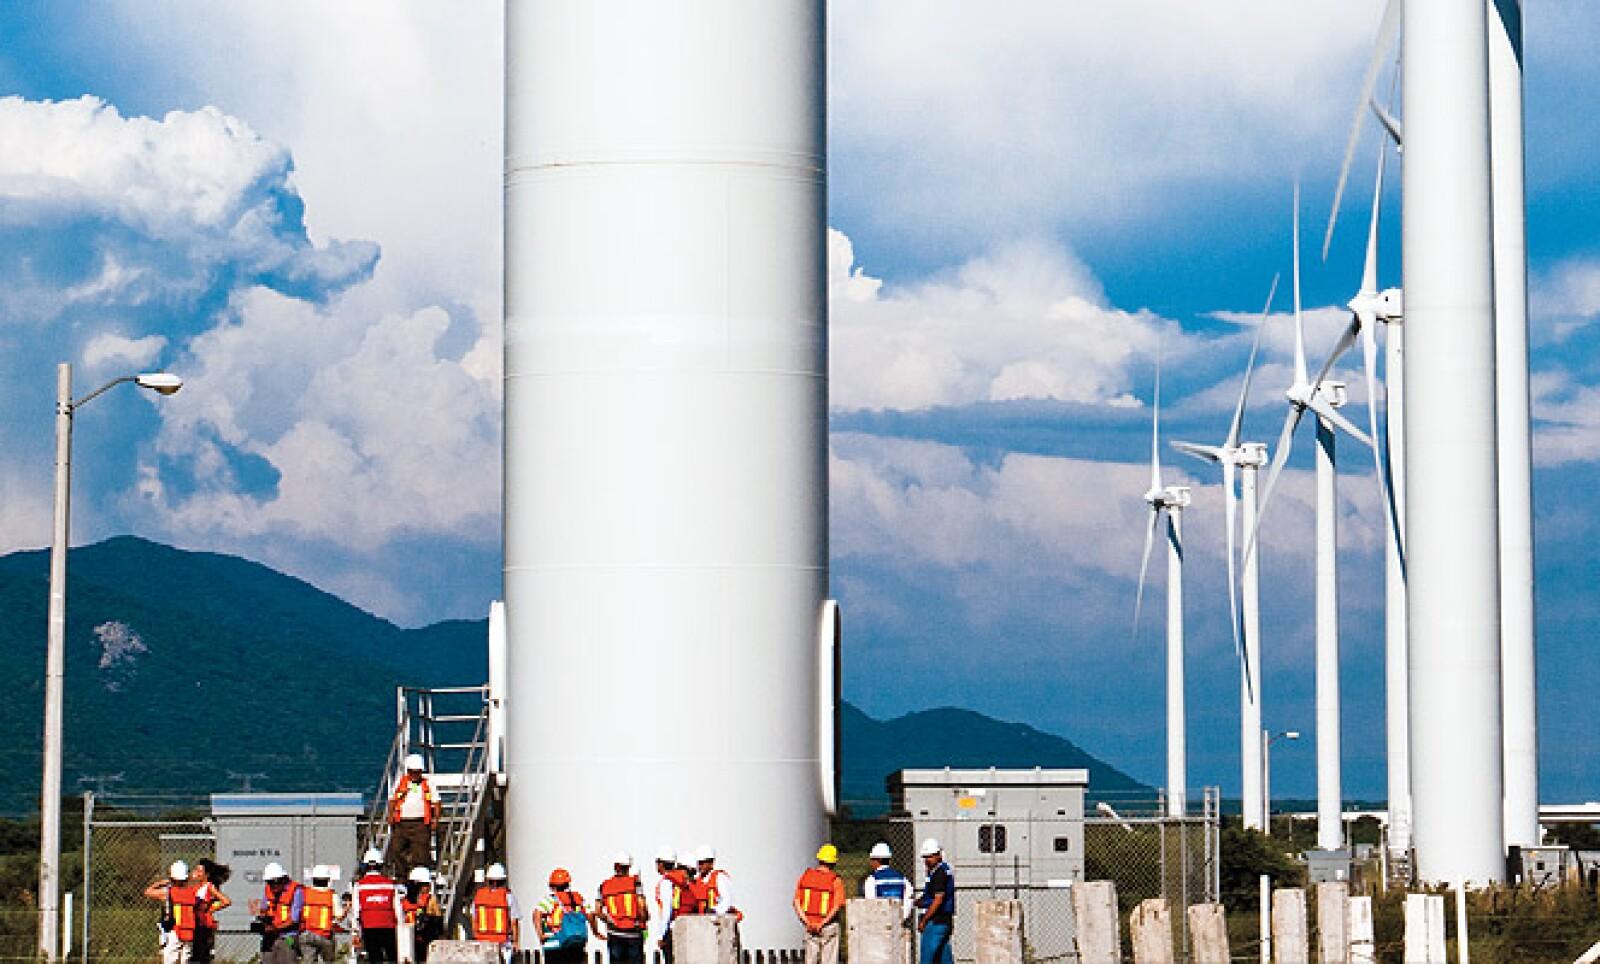 En total, tiene 27 torres eólicas, cada una con altura de 80 metros y un radio de aspas de 44.5 metros. 20 aerogeneradores están instalados en el ejido La Matay el resto en La Ventosa.